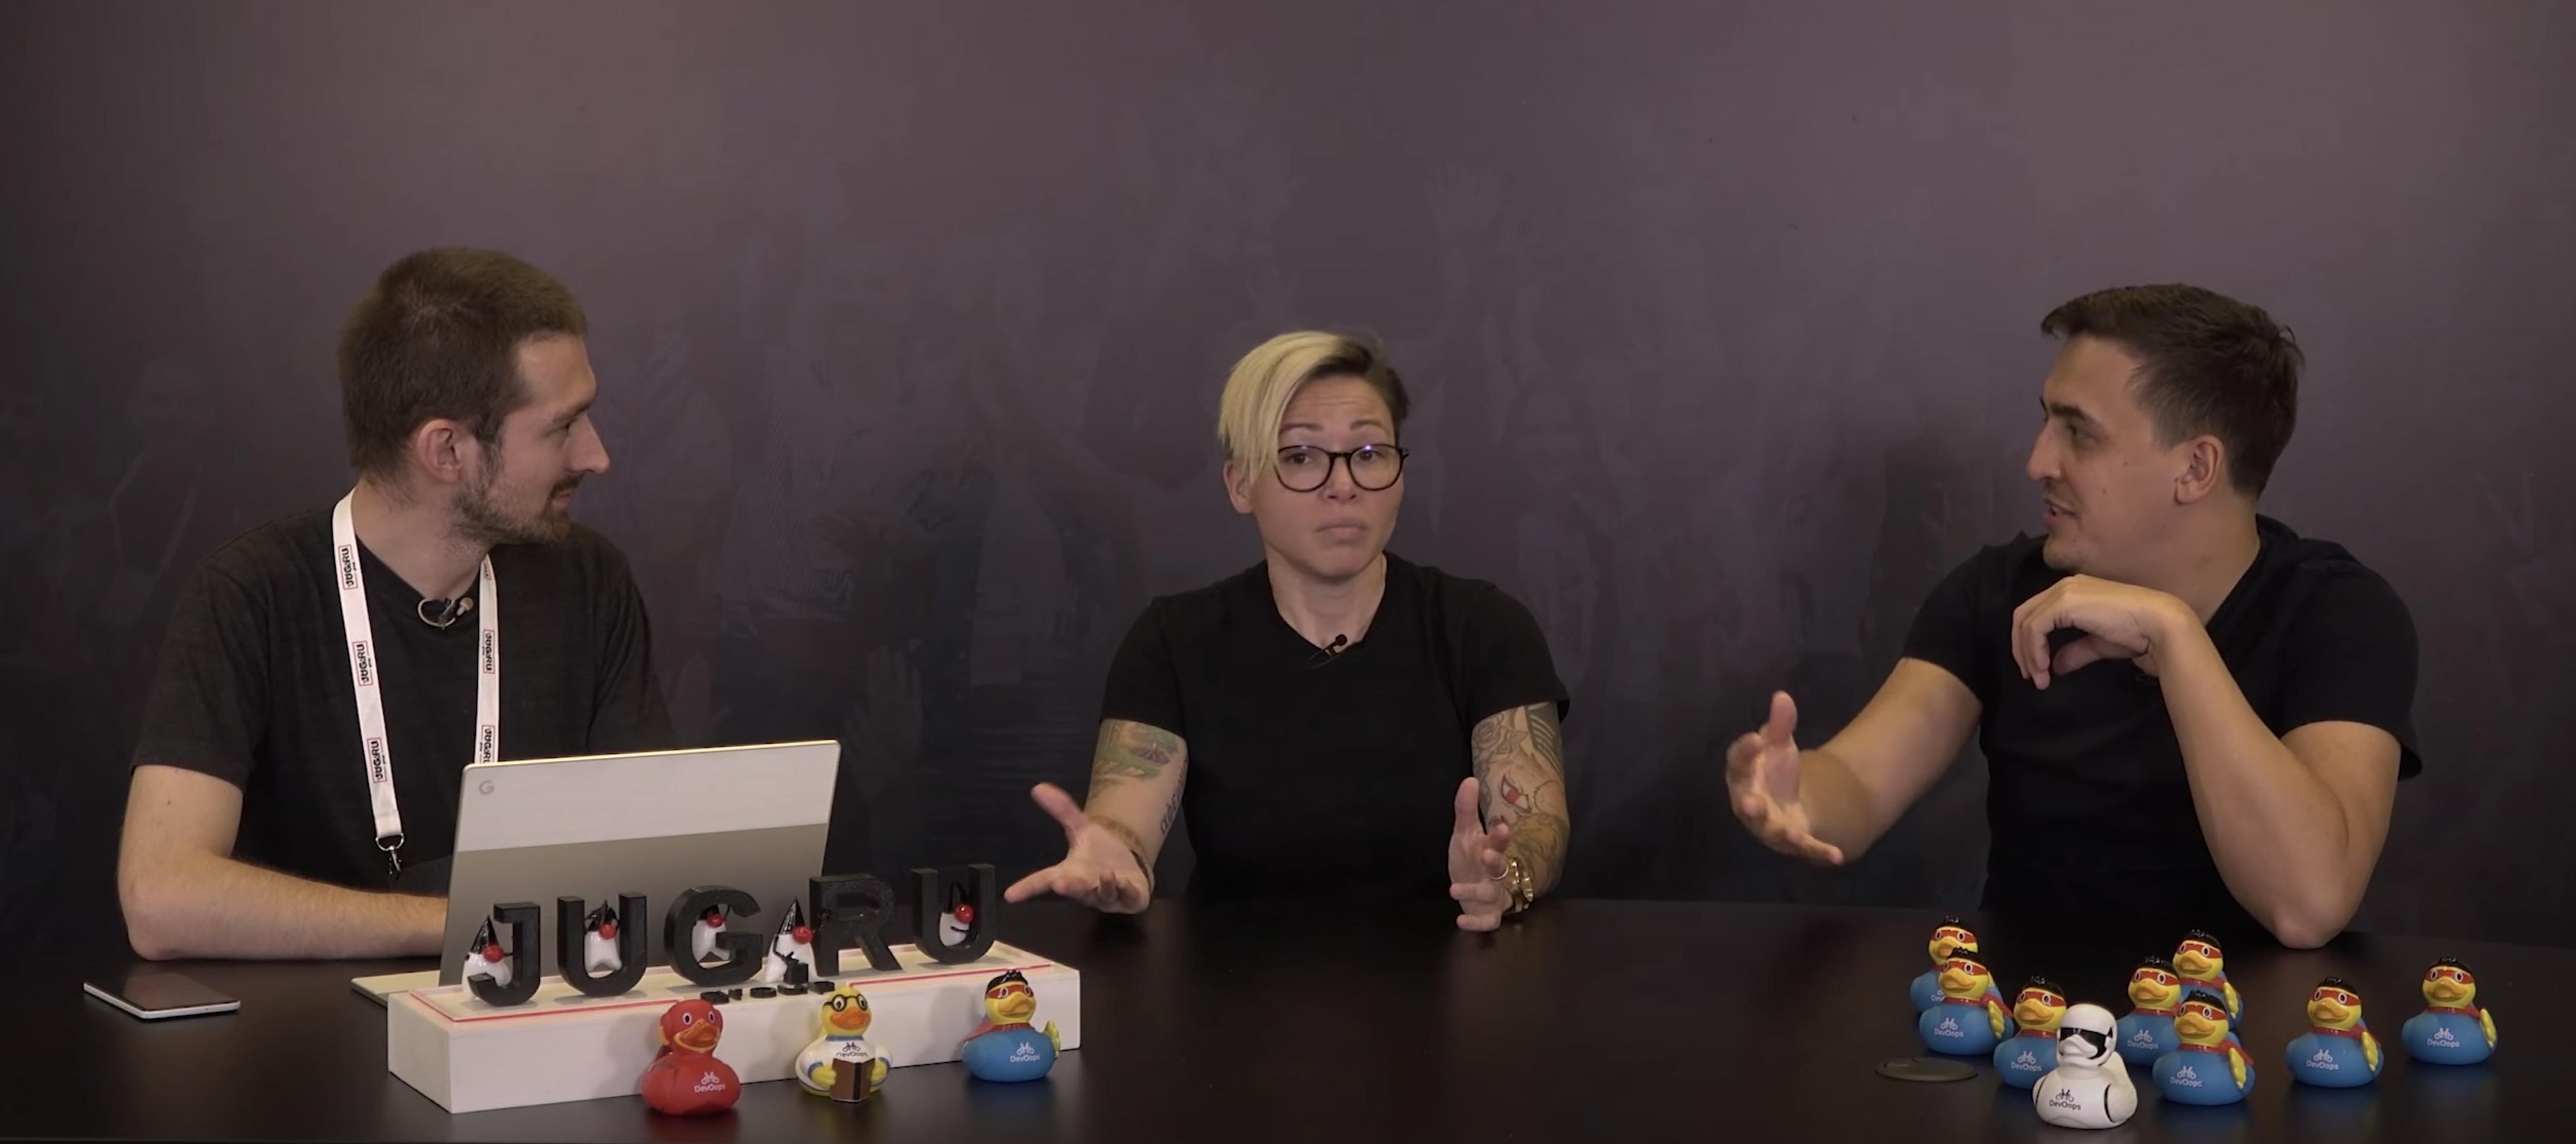 Никаких кликов интервью с Джессикой Дин о командной строке, автоматизации и DevOps